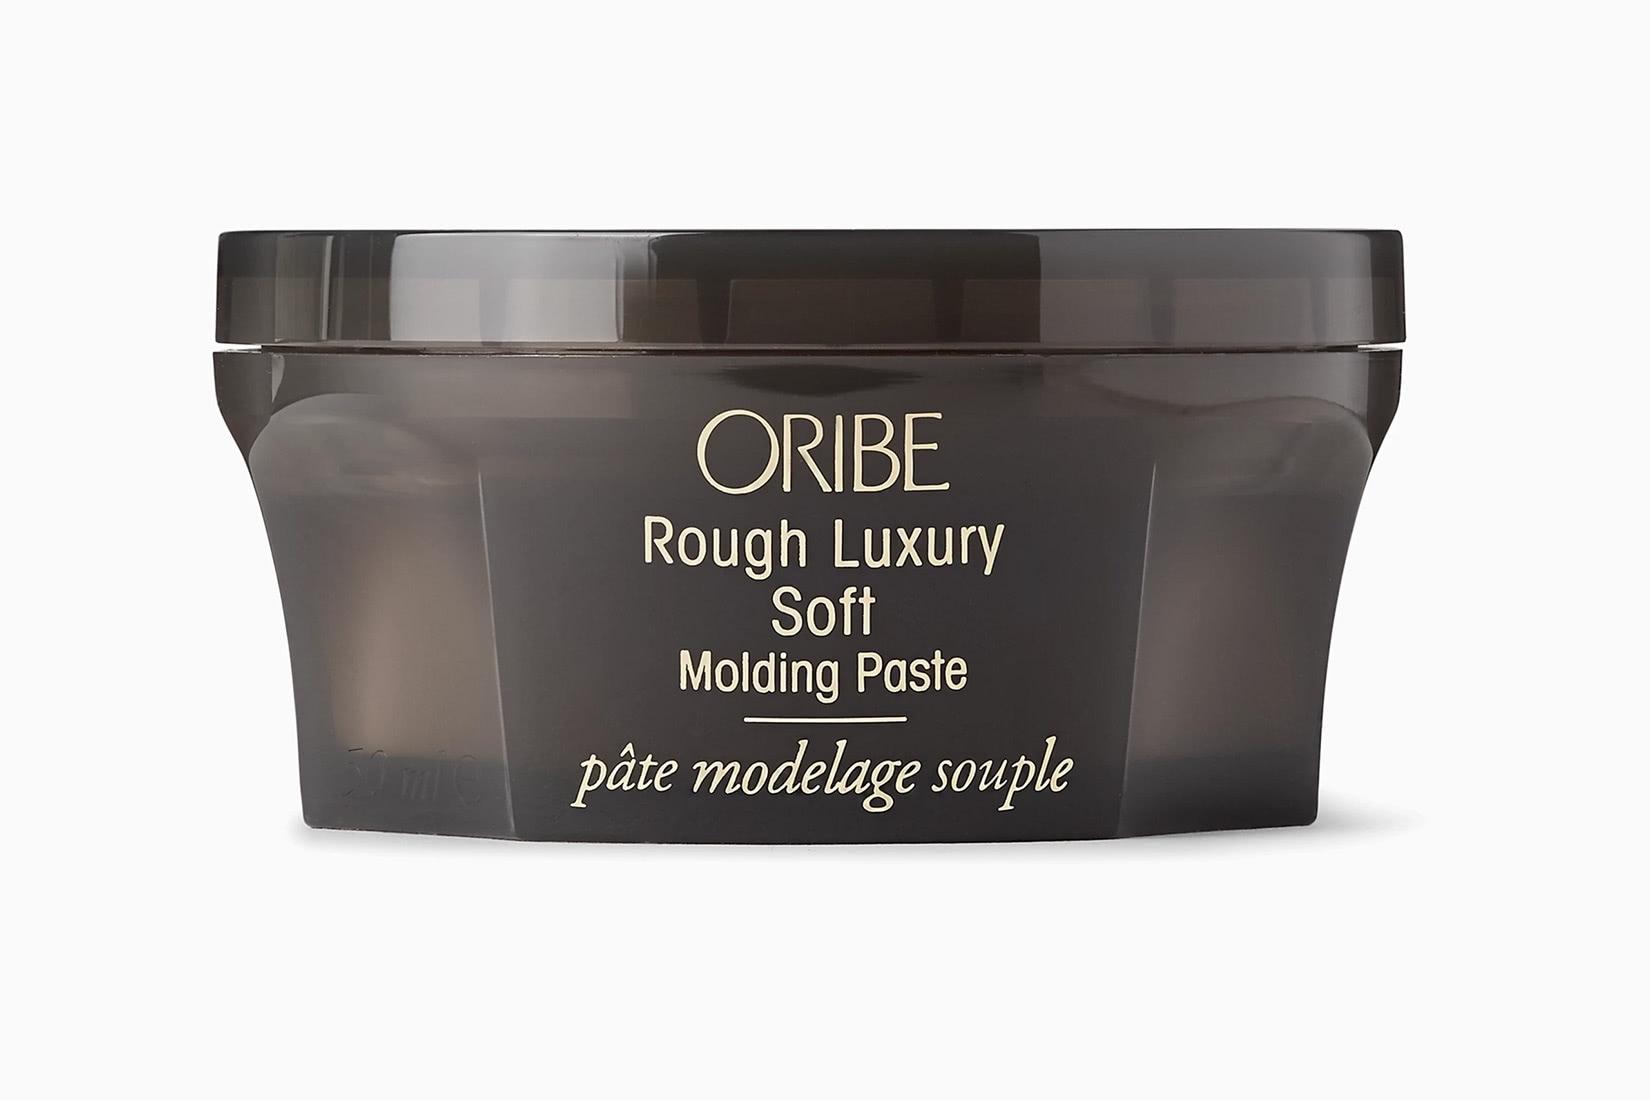 los mejores productos para el peinado del cabello hombres oribe pasta de moldeo de lujo luxe digital